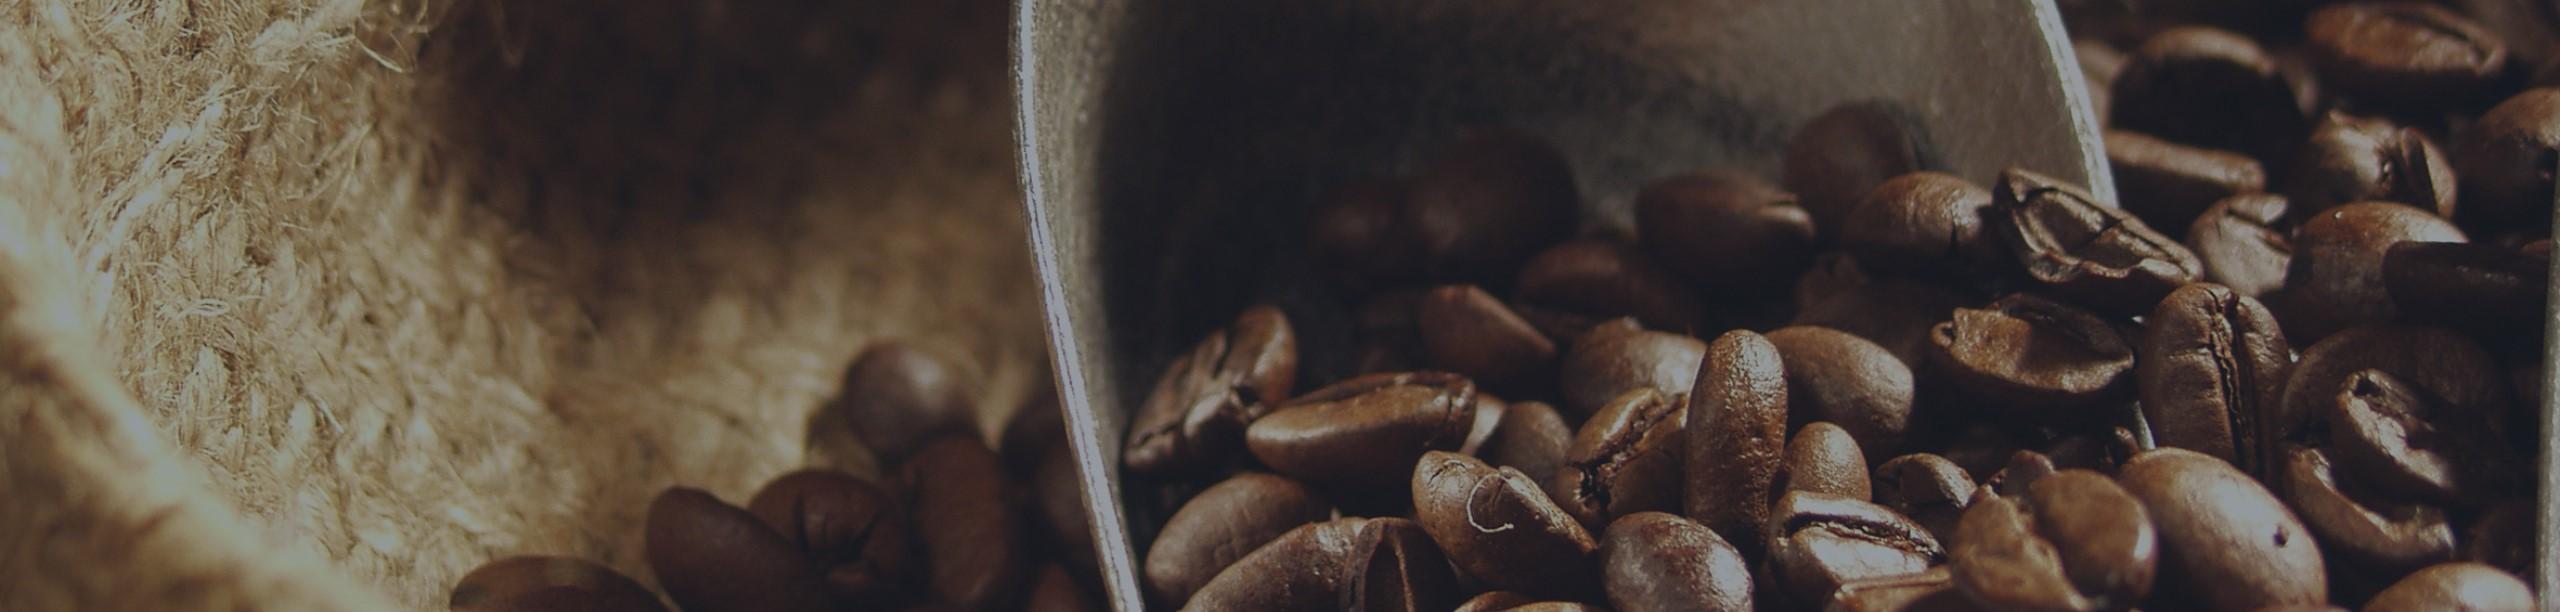 Coffee1-9